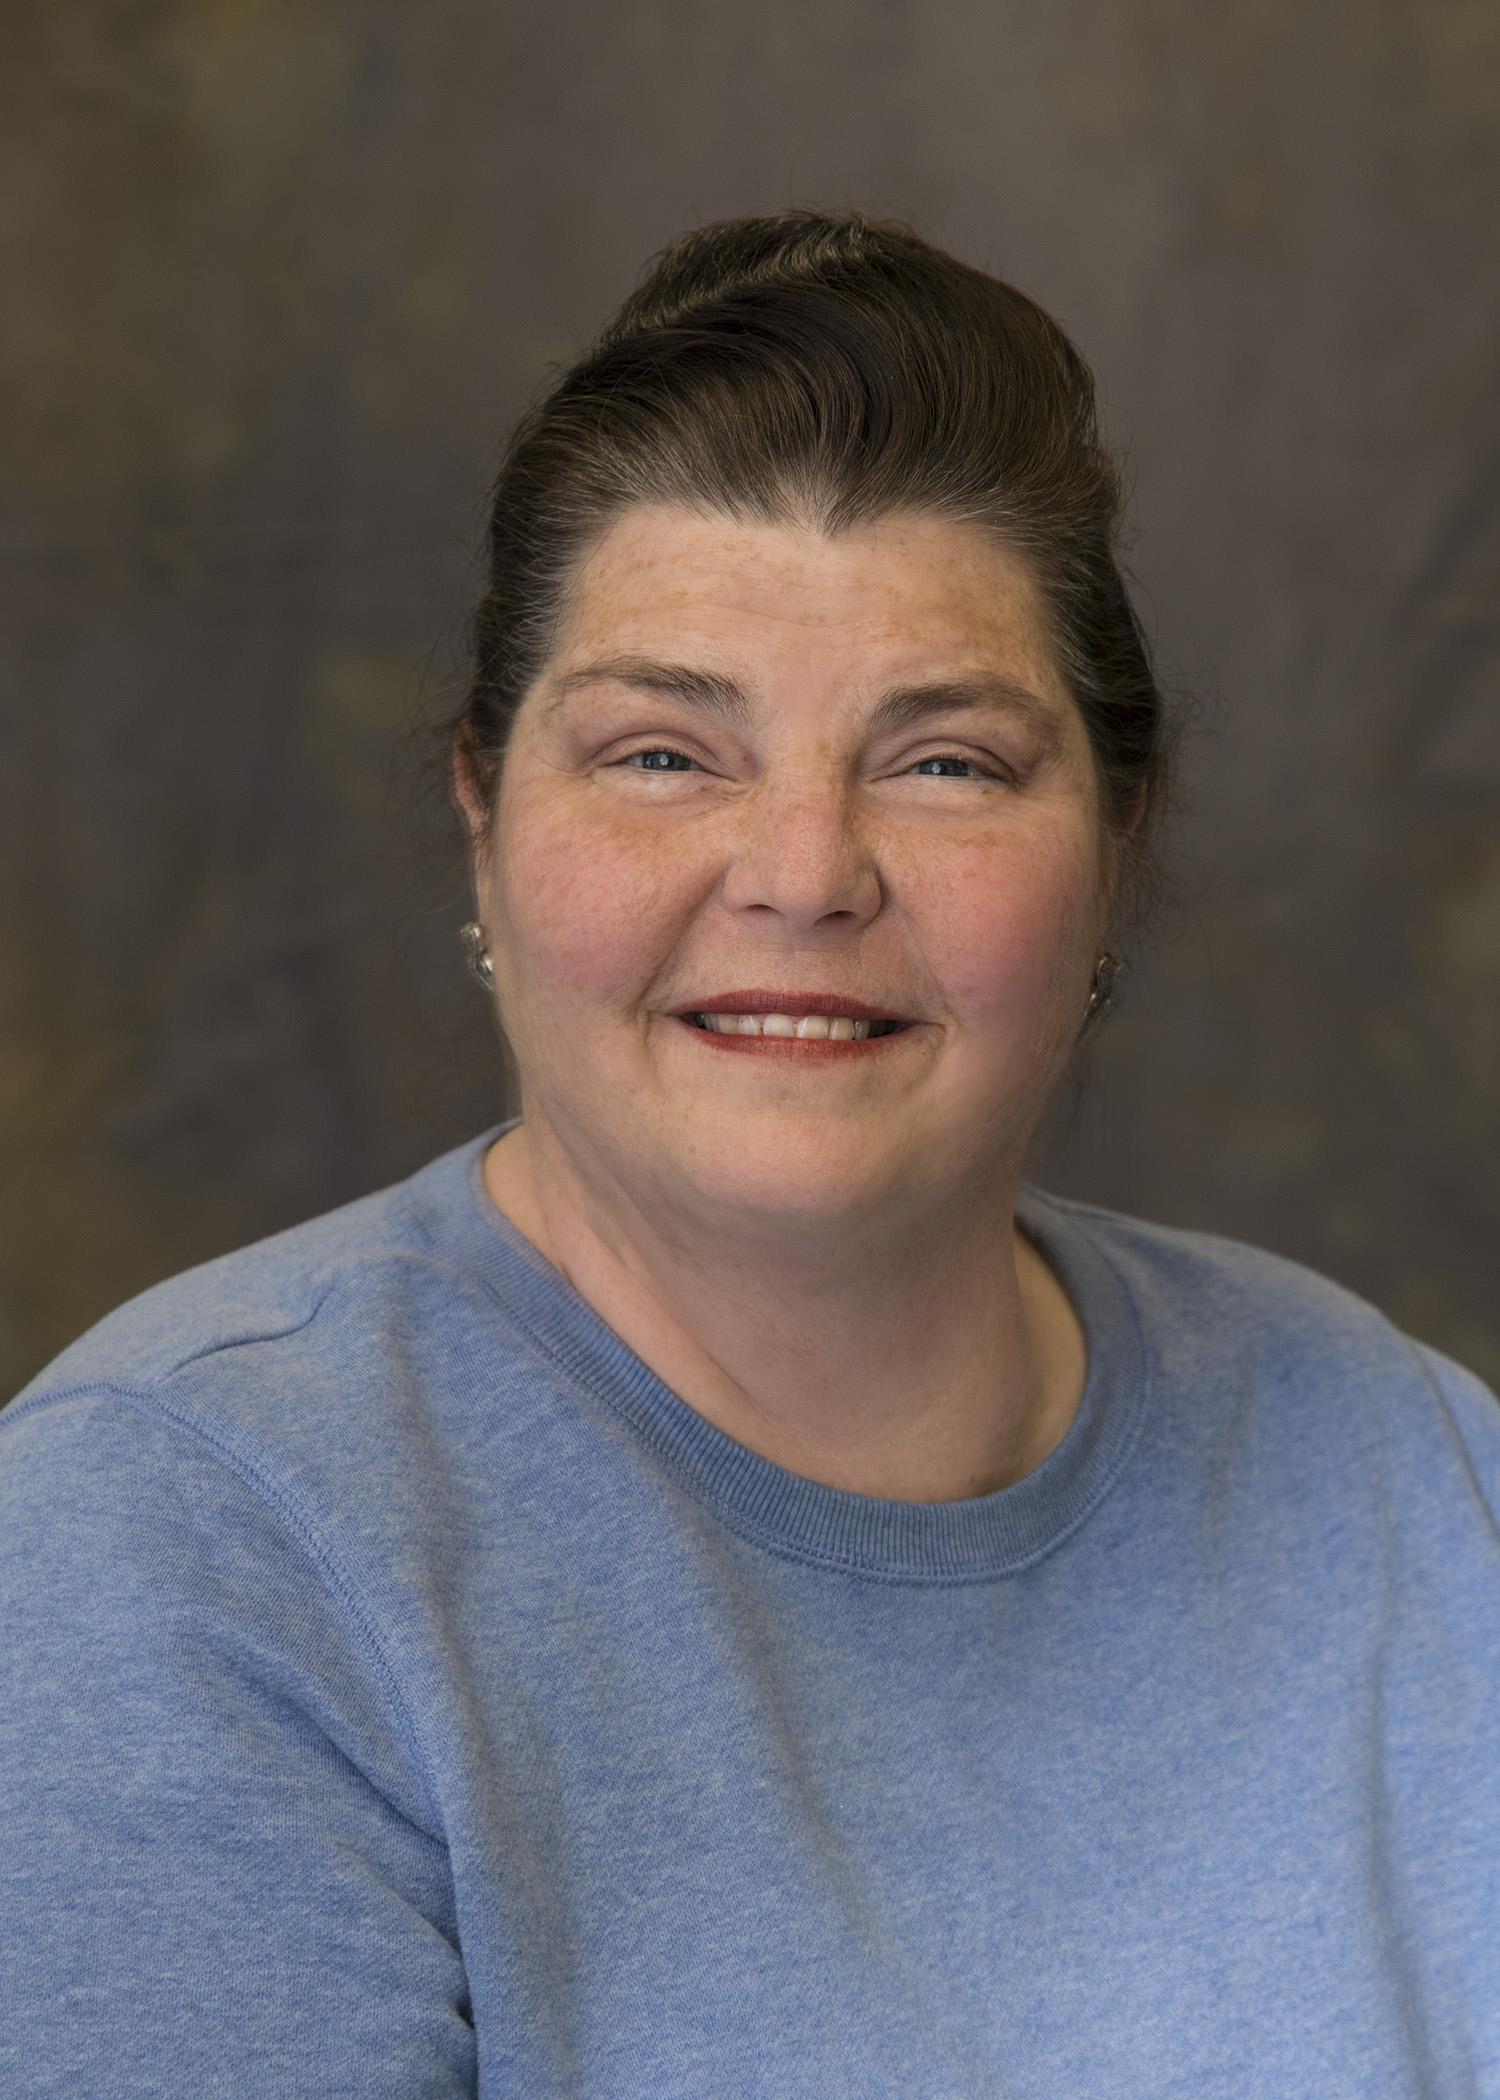 Sharon Munyak